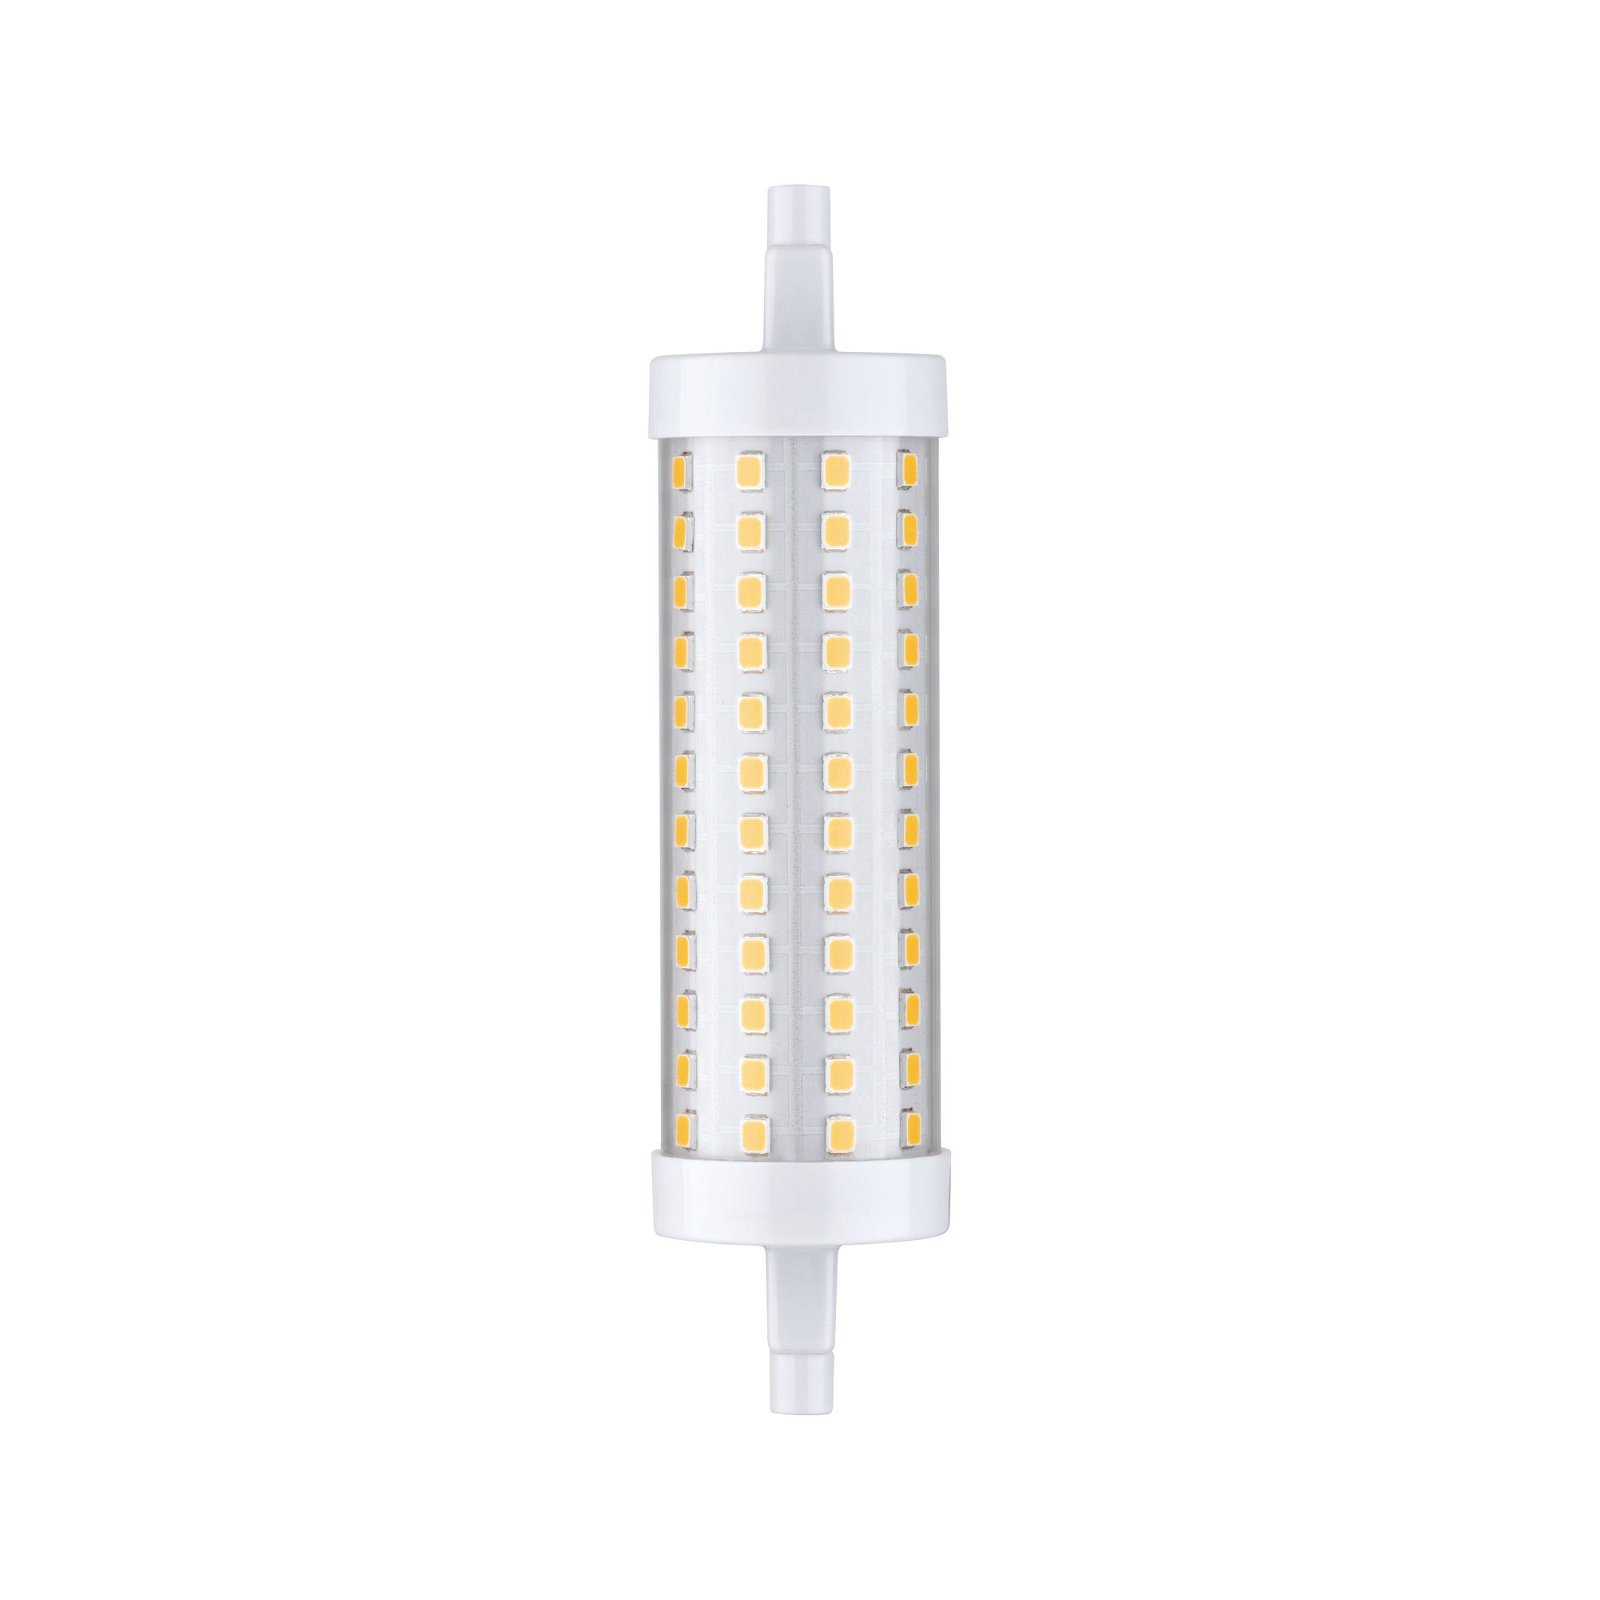 LED Stab R7s 230V 1521lm 13W 2700K